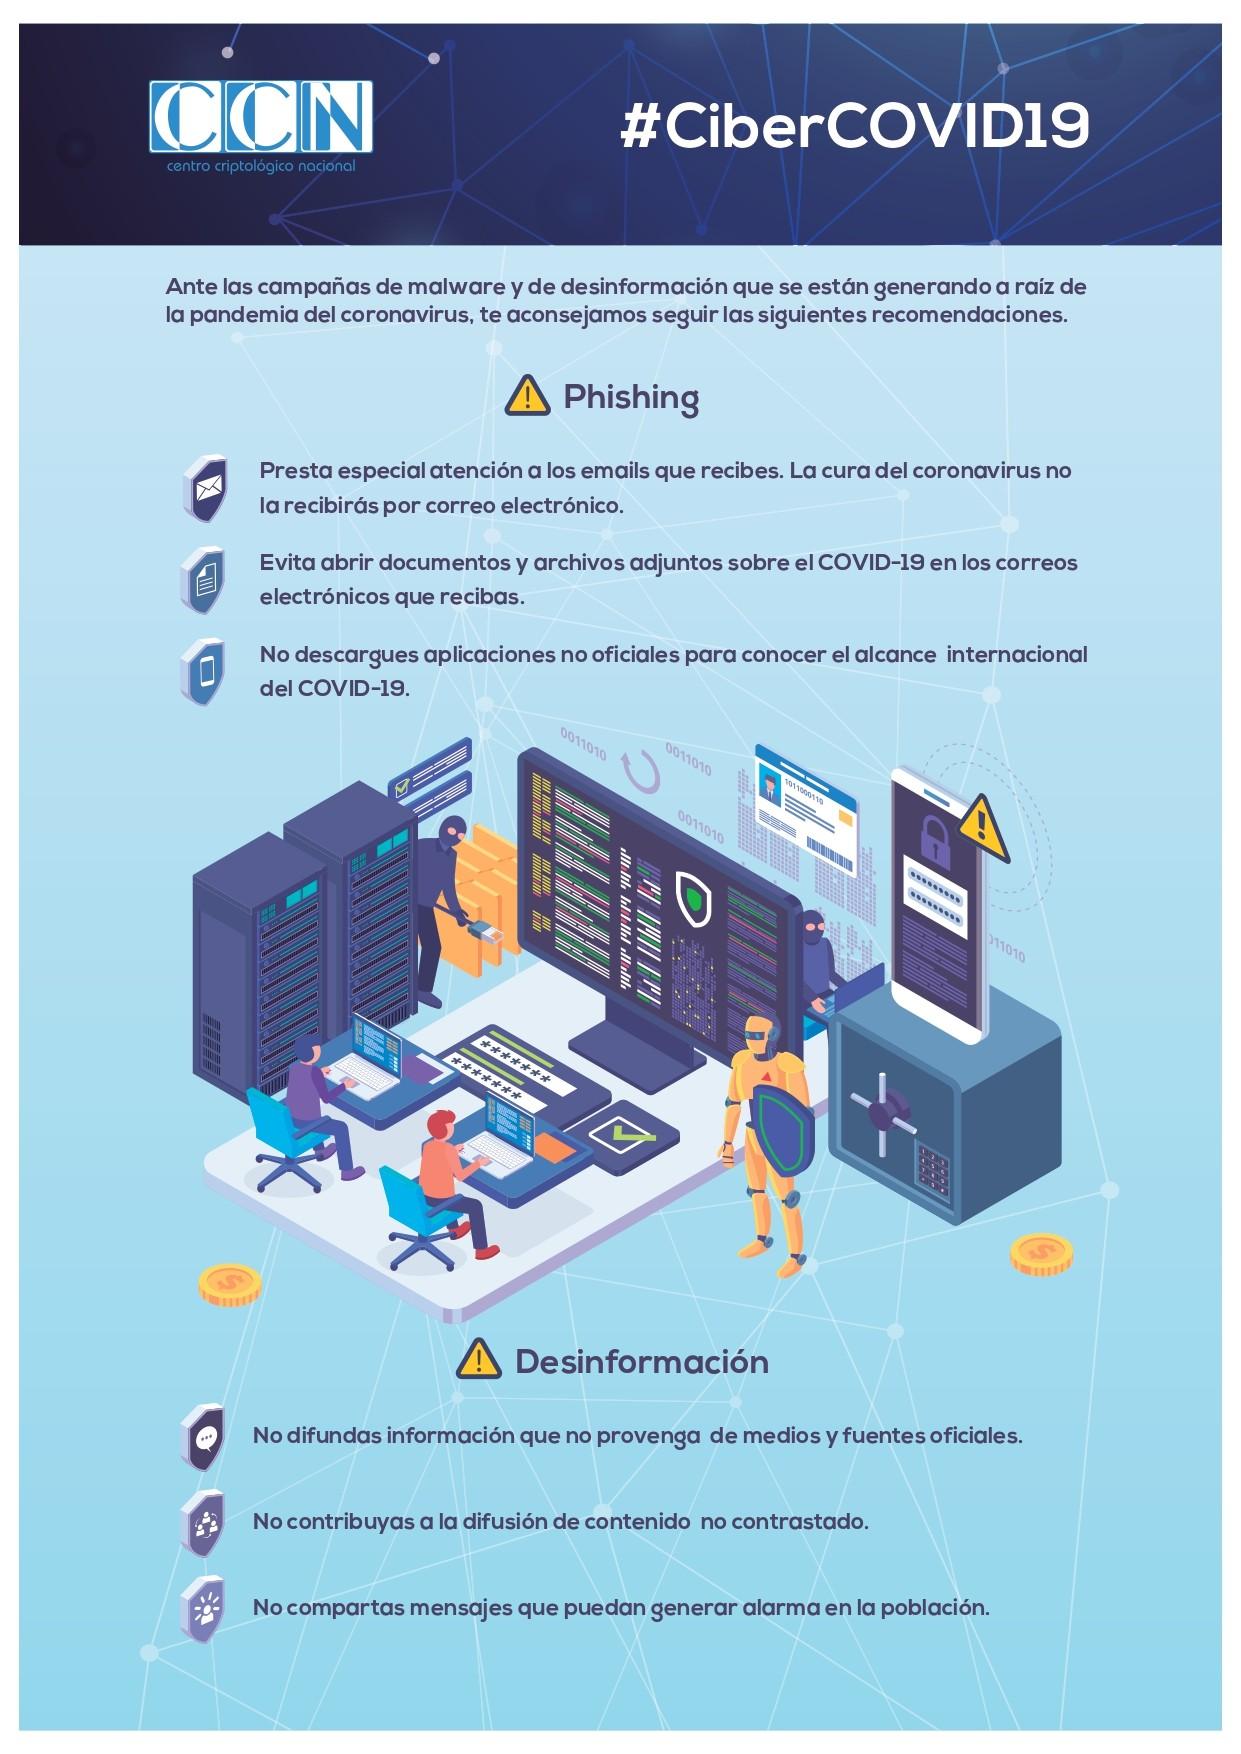 Repunte de las campañas de phishing relacionadas con la pandemia COVID-19